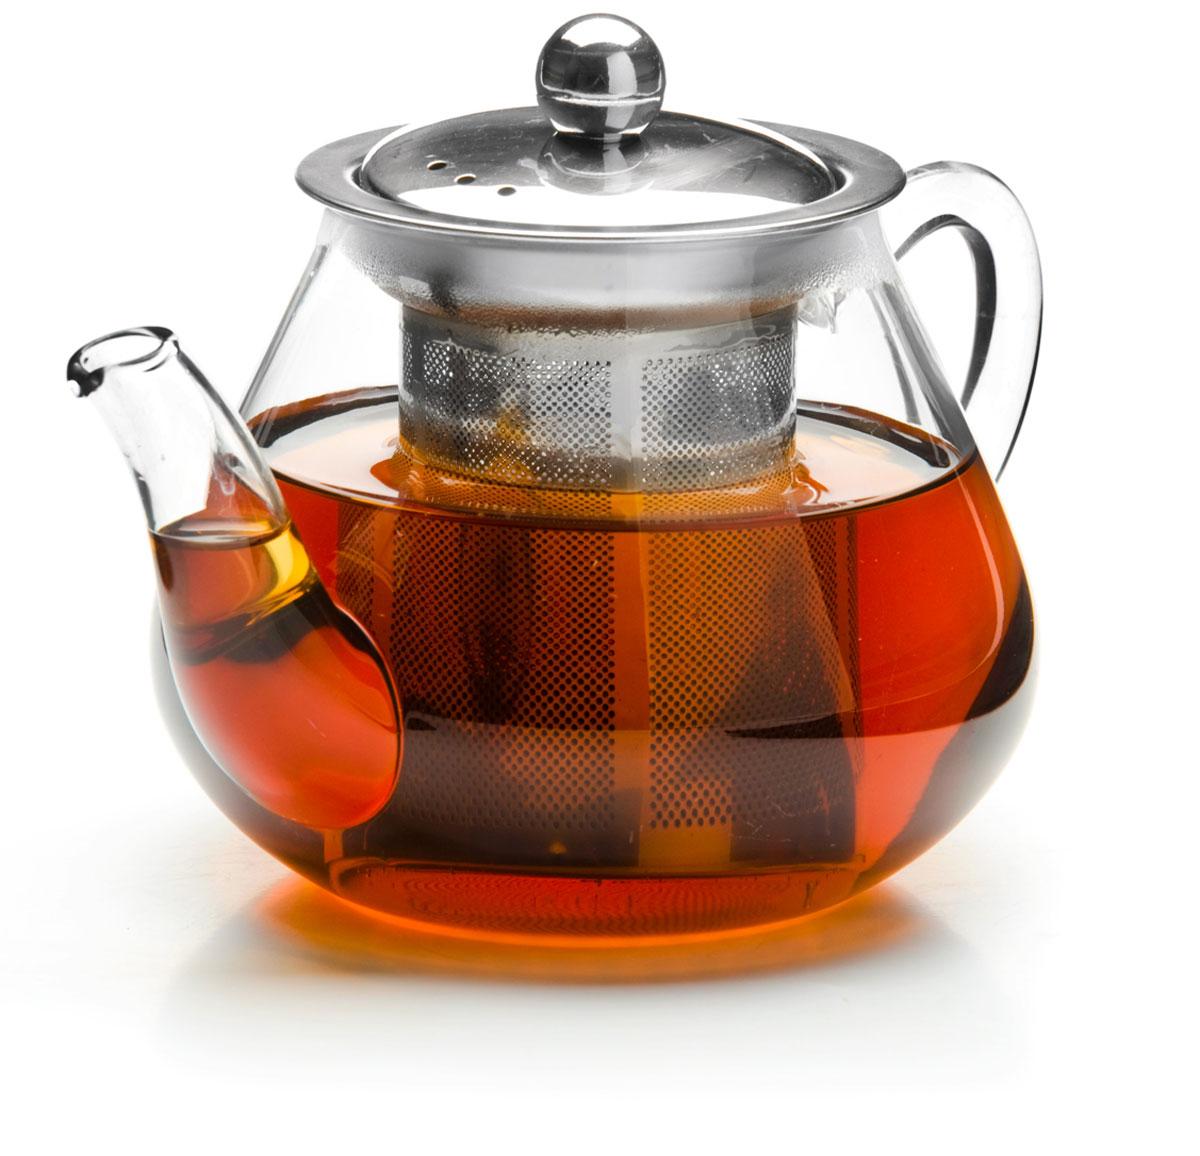 Чайник заварочный Mayer & Boch, с ситом, 600 мл. 2620154 009312Заварочный чайник изготовлен из термостойкого боросиликатного стекла, крышка и фильтр выполнены из нержавеющей стали .Изделия из стекла не впитывают запахи, благодаря чему вы всегда получите натуральный, насыщенный вкус и аромат напитков. Подходит для мытья в посудомоечной машине.Объем чайника: 600 мл.